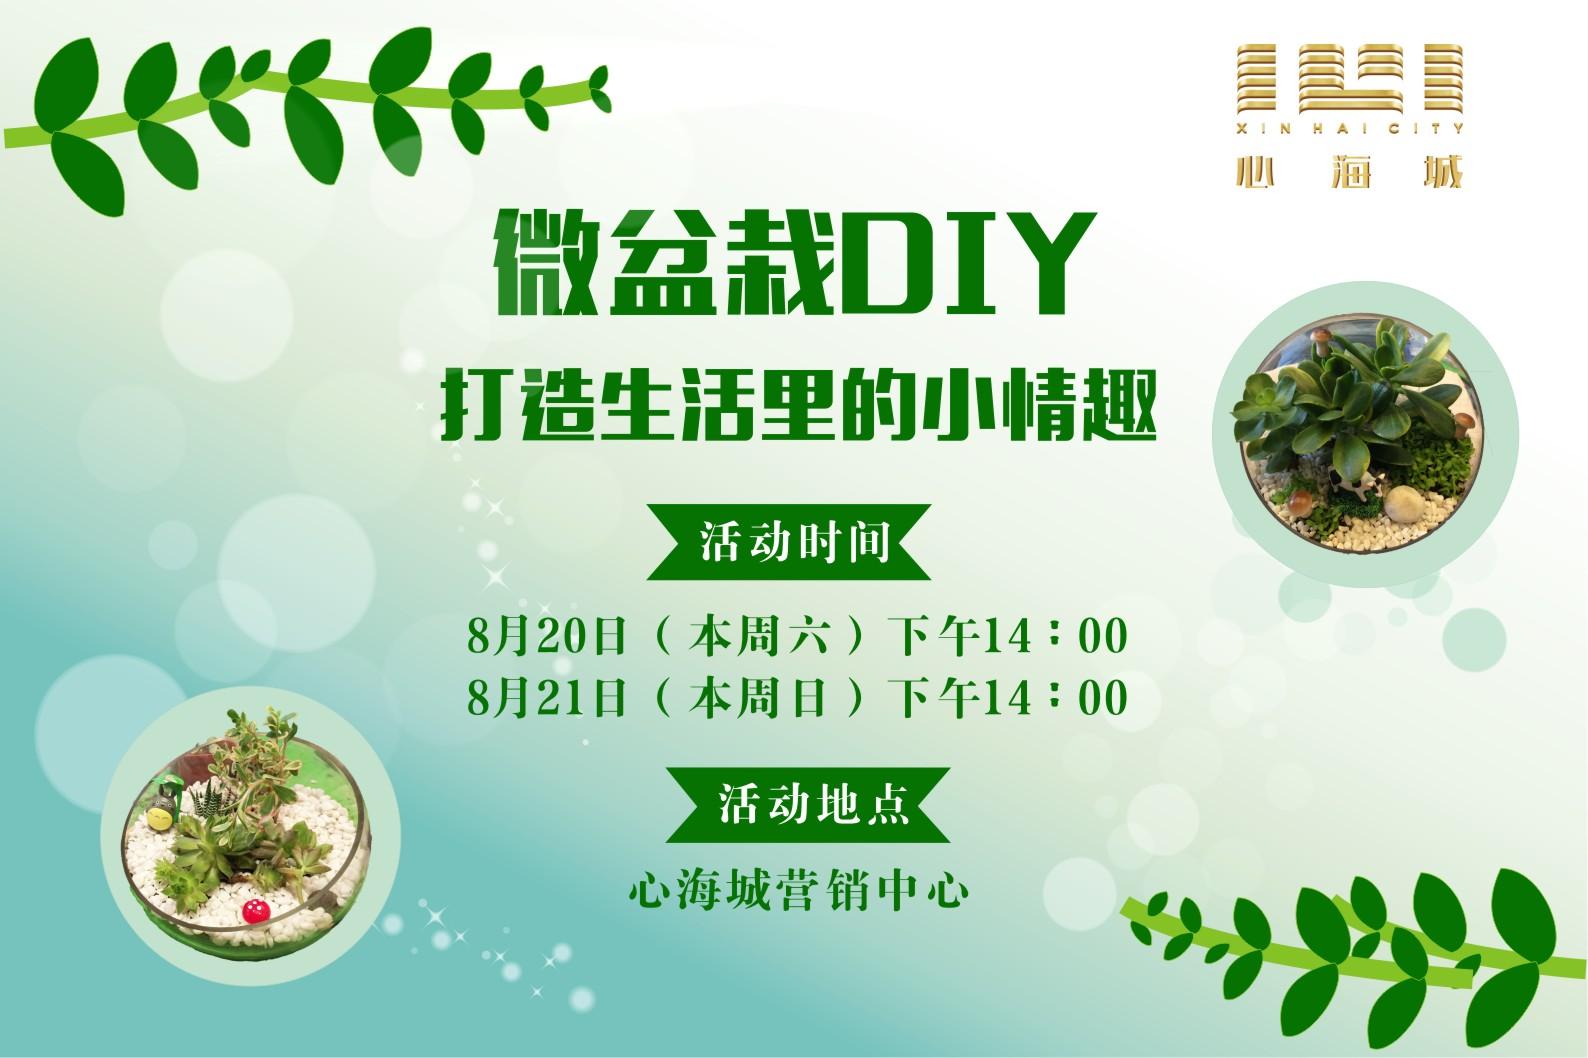 【生活美学】微盆栽DIY,打造生活里的小情趣